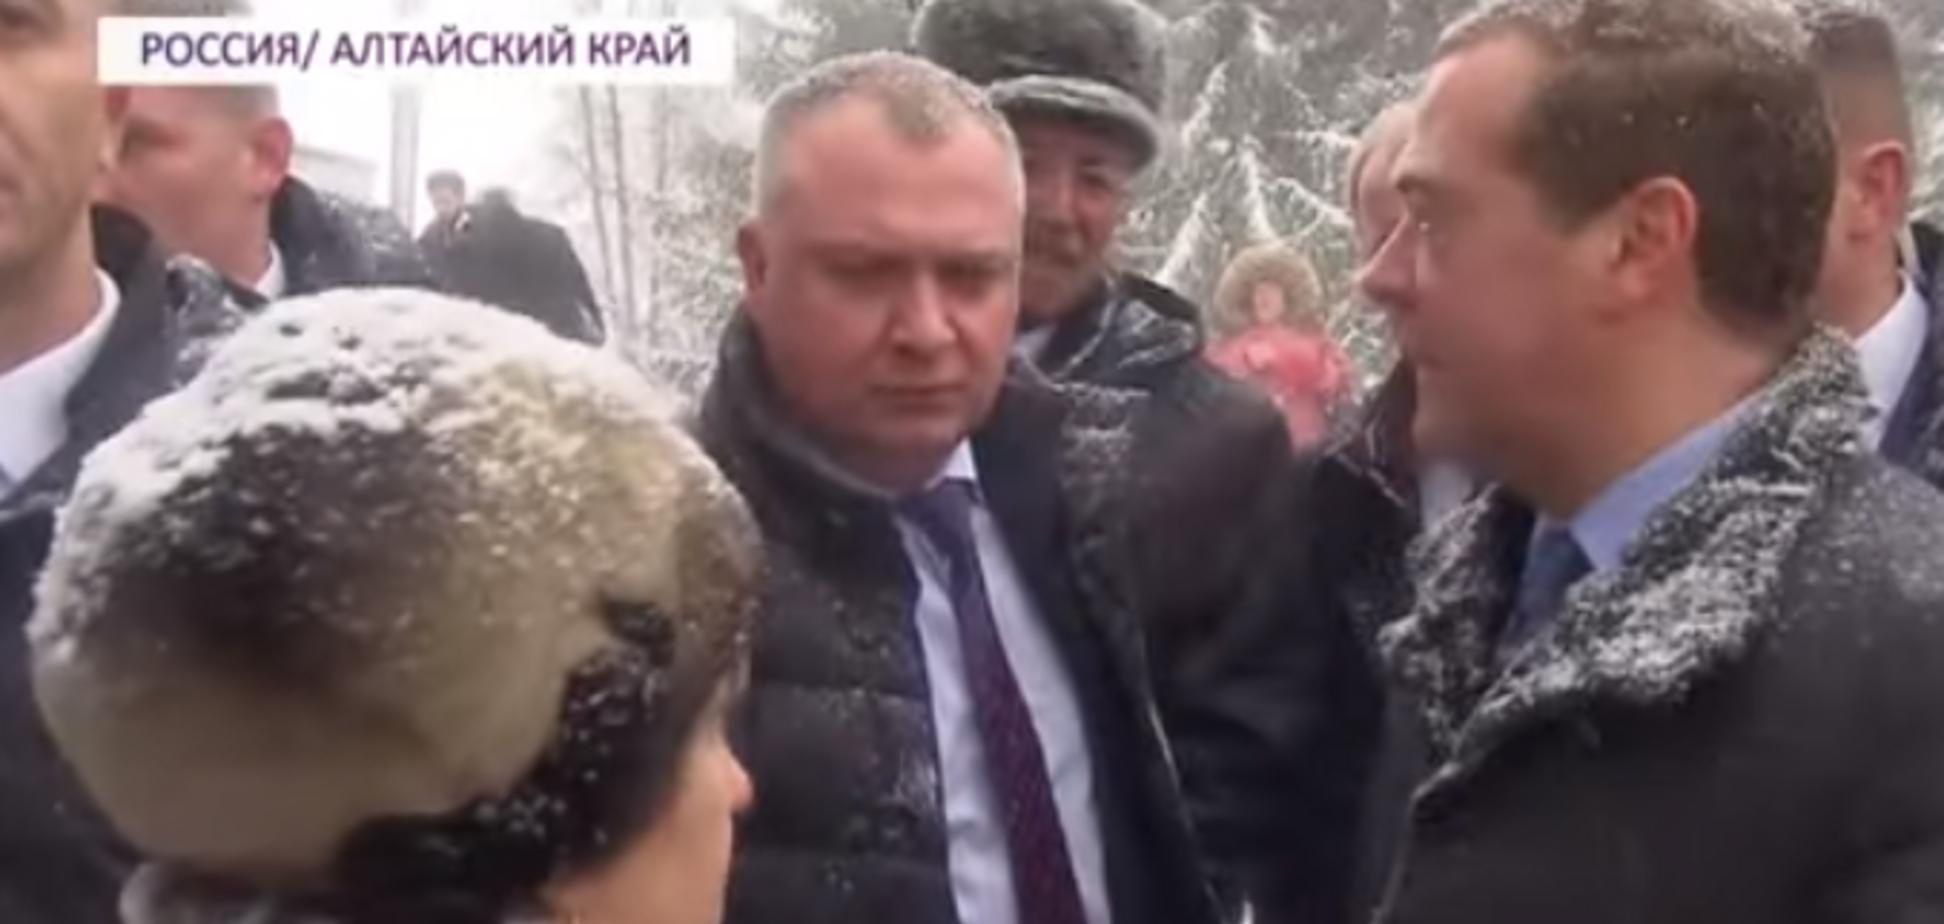 'Впала під ноги!' Медведєв публічно осоромився перед росіянами. Відео